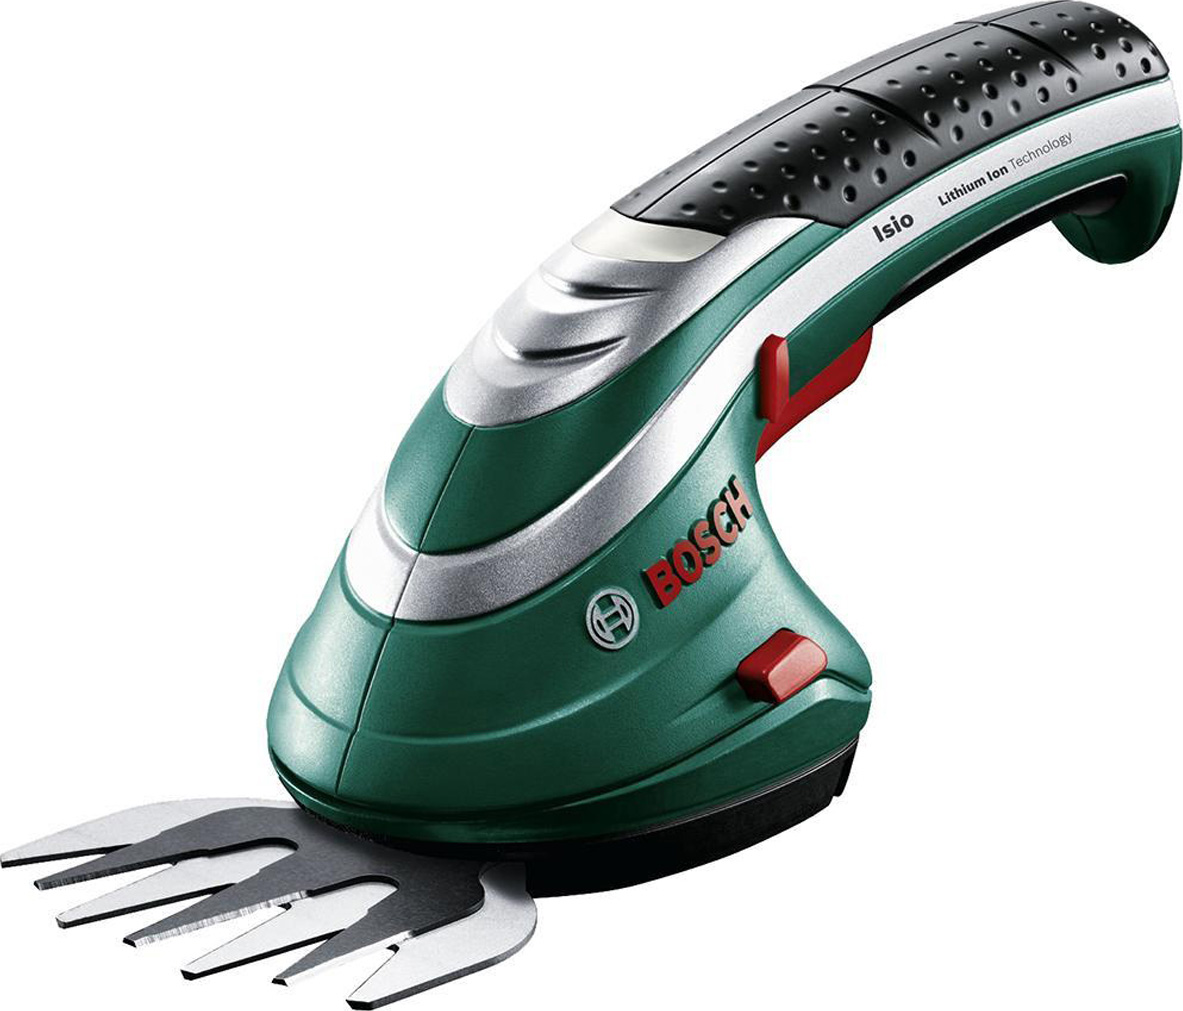 Аккумуляторные ножницы для травы Bosch ISIO 3+ чехол 0600833102 аккумуляторные ножницы для травы bosch isio 3 чехол 0600833100